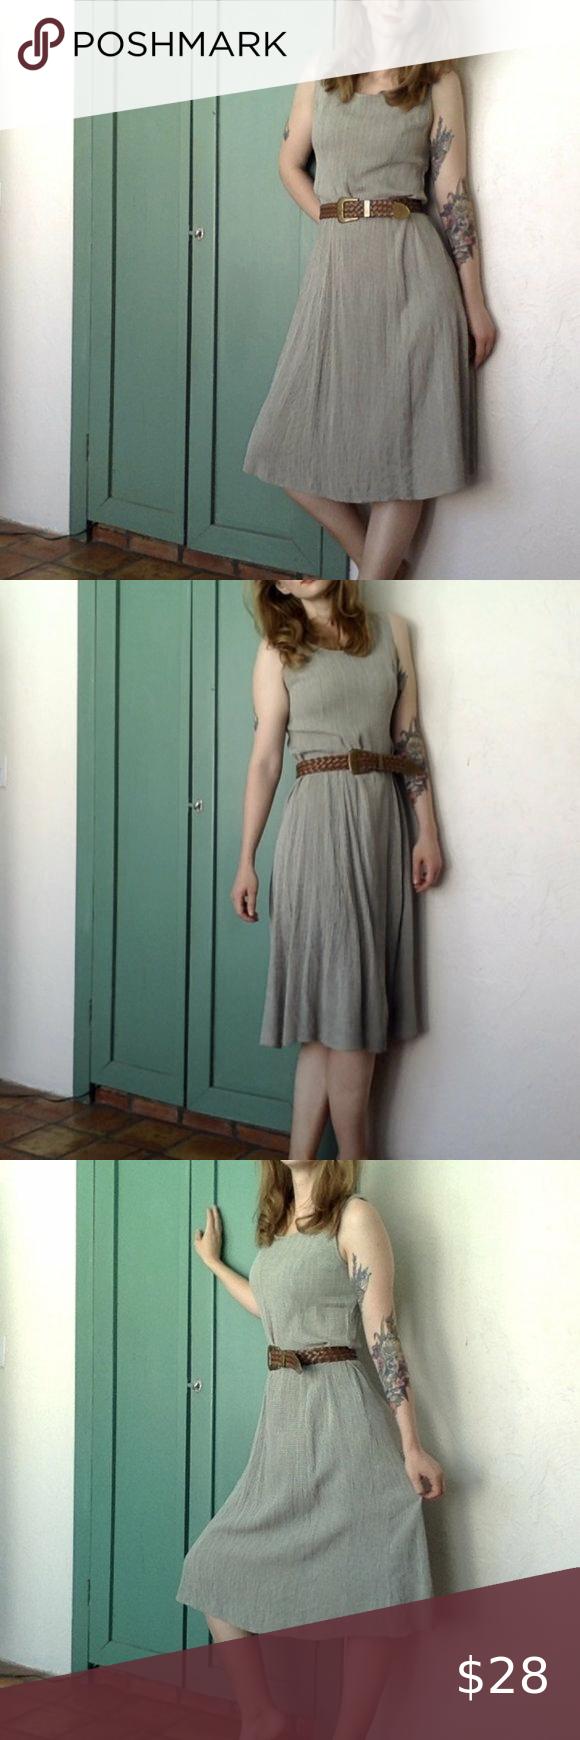 Vtg Easy Summer Dress Simple Summer Dresses Summer Dresses Vintage Summer Dresses [ 1740 x 580 Pixel ]